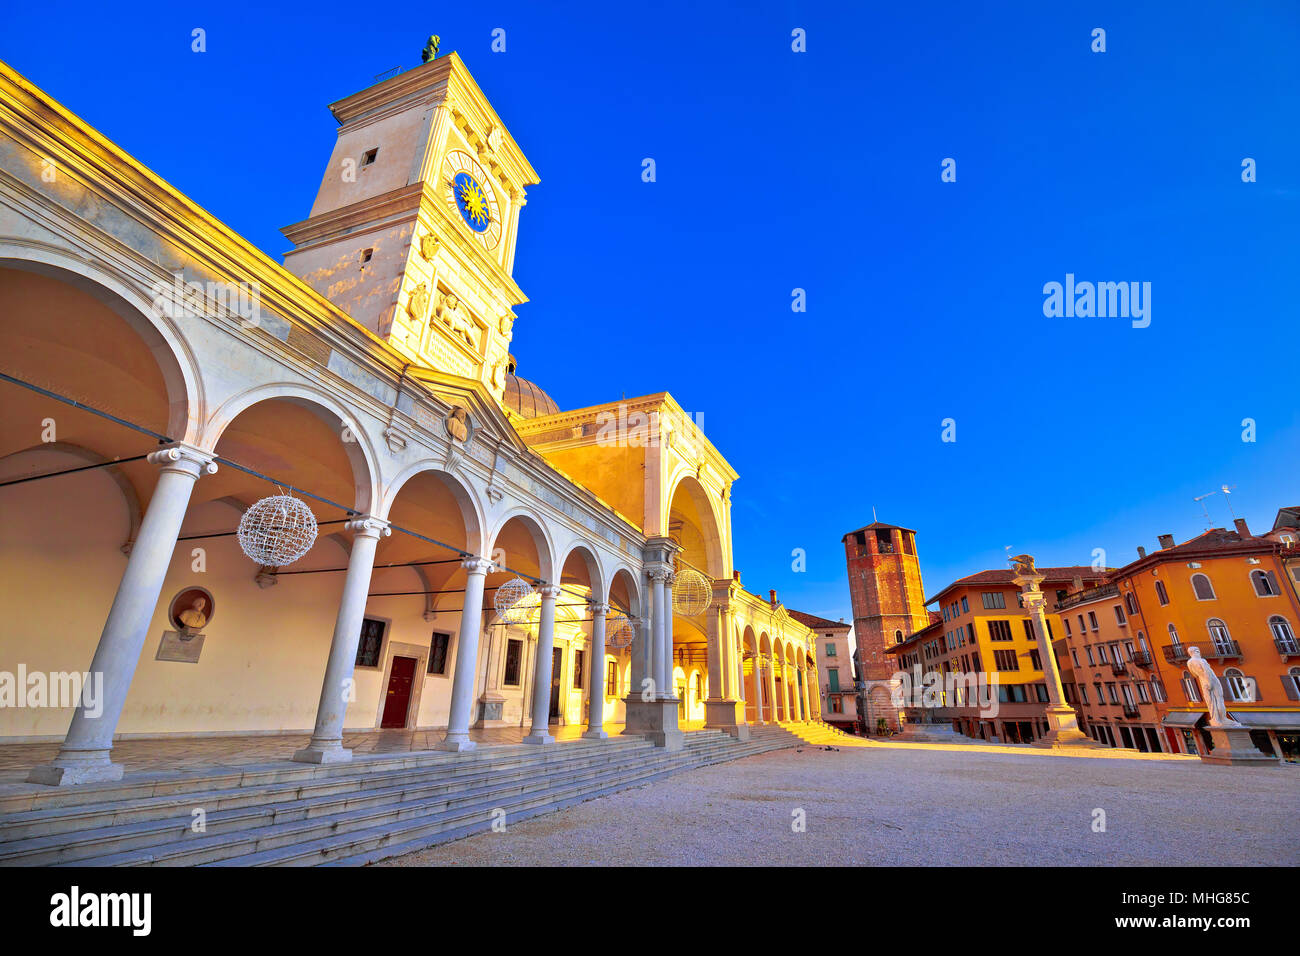 Piazza della Liberta square in Udine landmarks view, Friuli-Venezia Giulia region of Italy - Stock Image